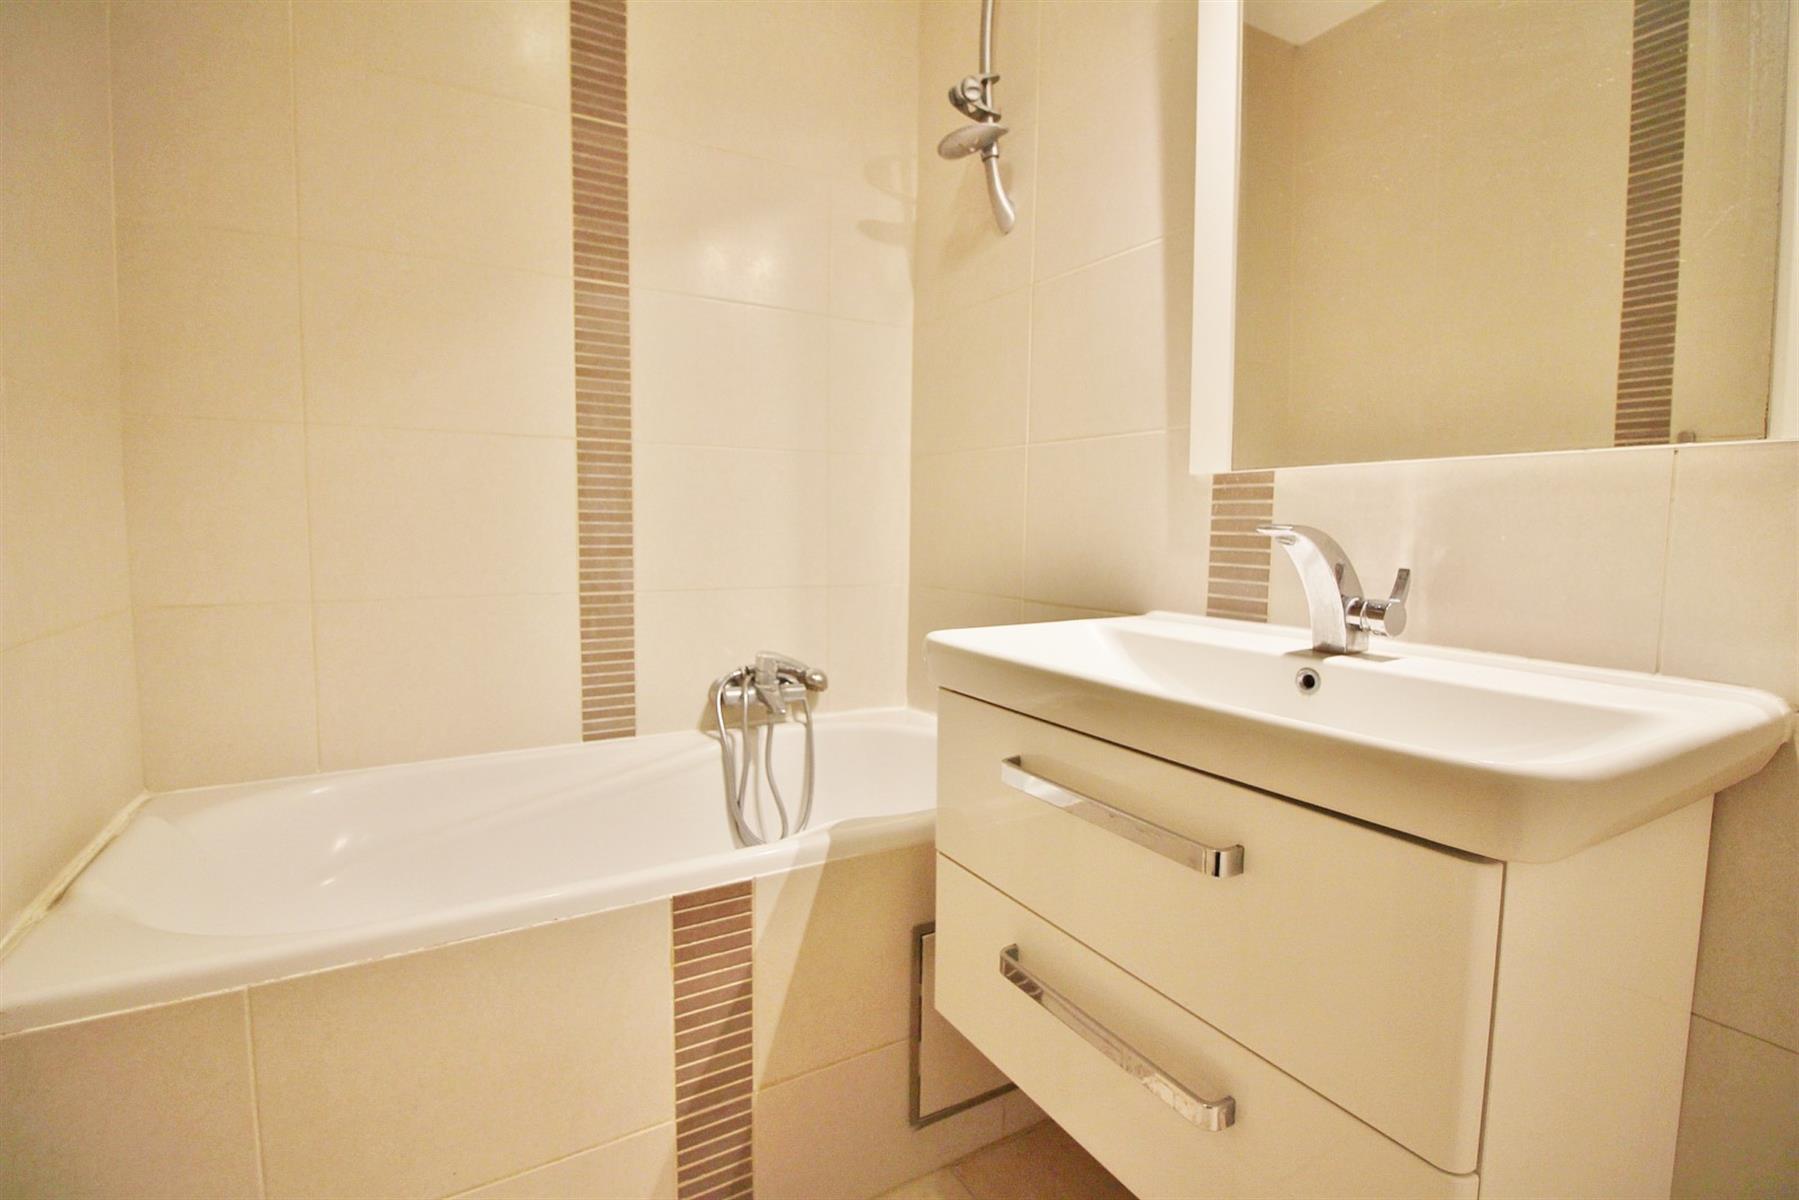 Appartement - Liege - #4394490-12